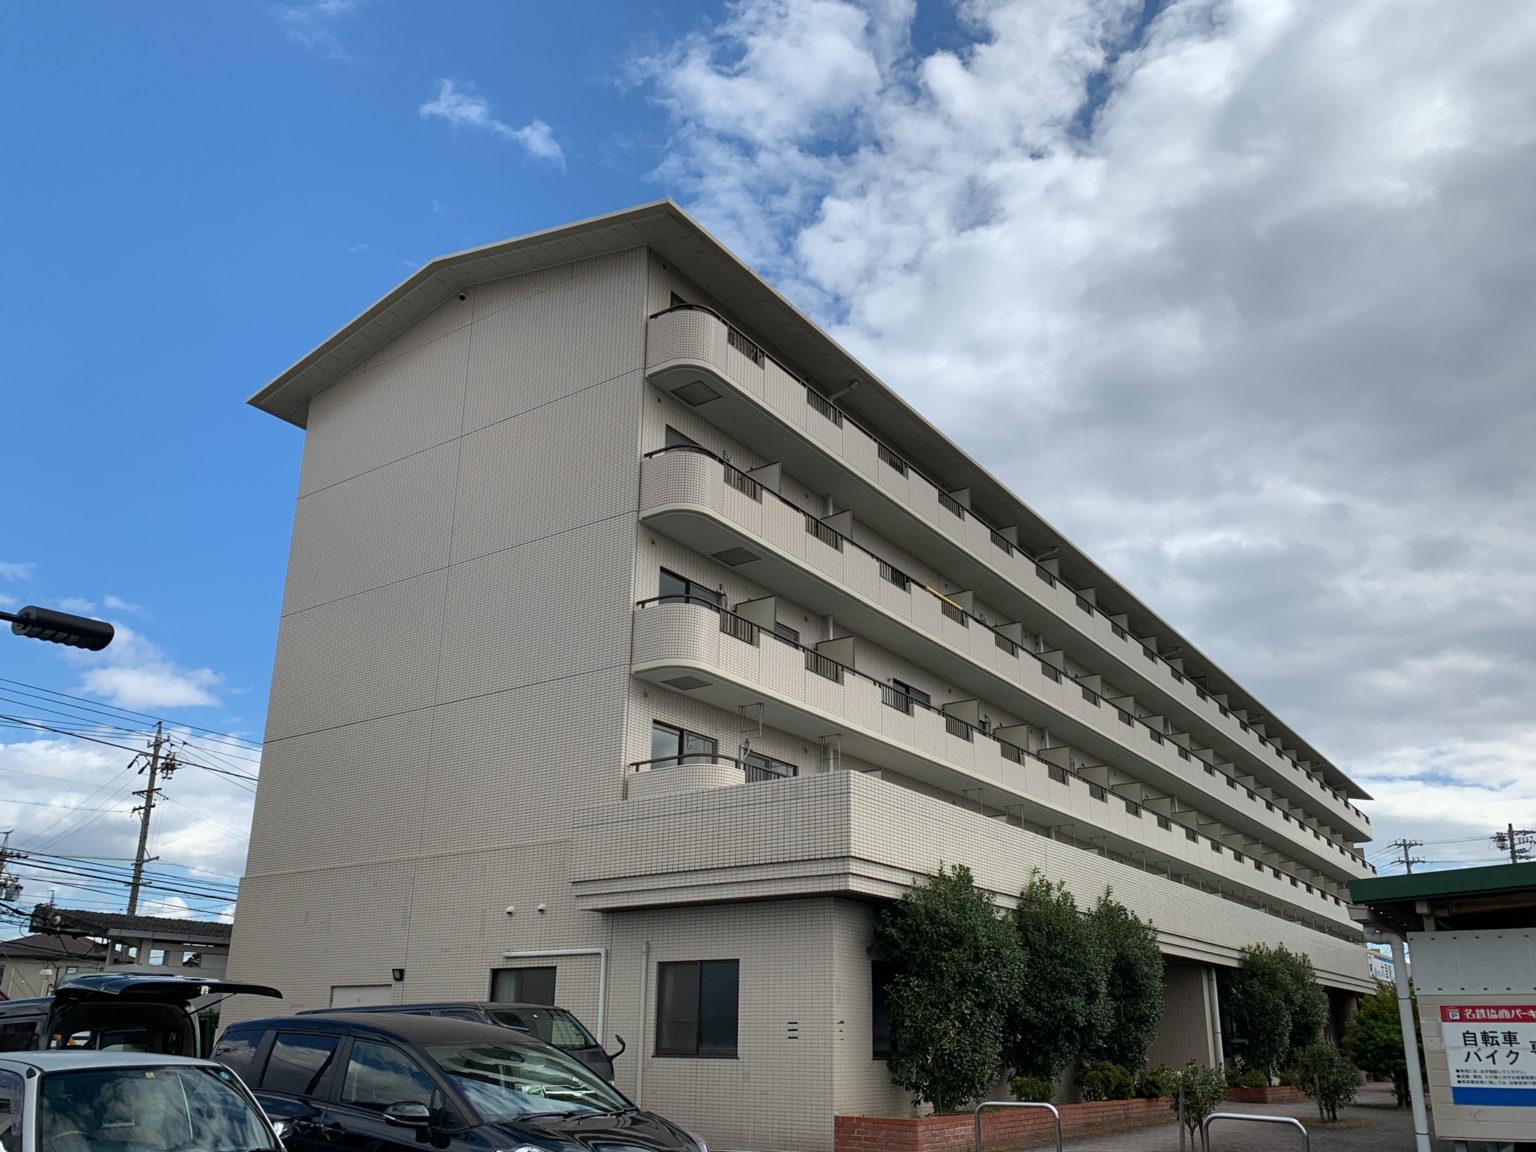 グッドルーム、名古屋の名鉄遊休資産をニューノーマルに対応した賃貸マンションにフルリノベ